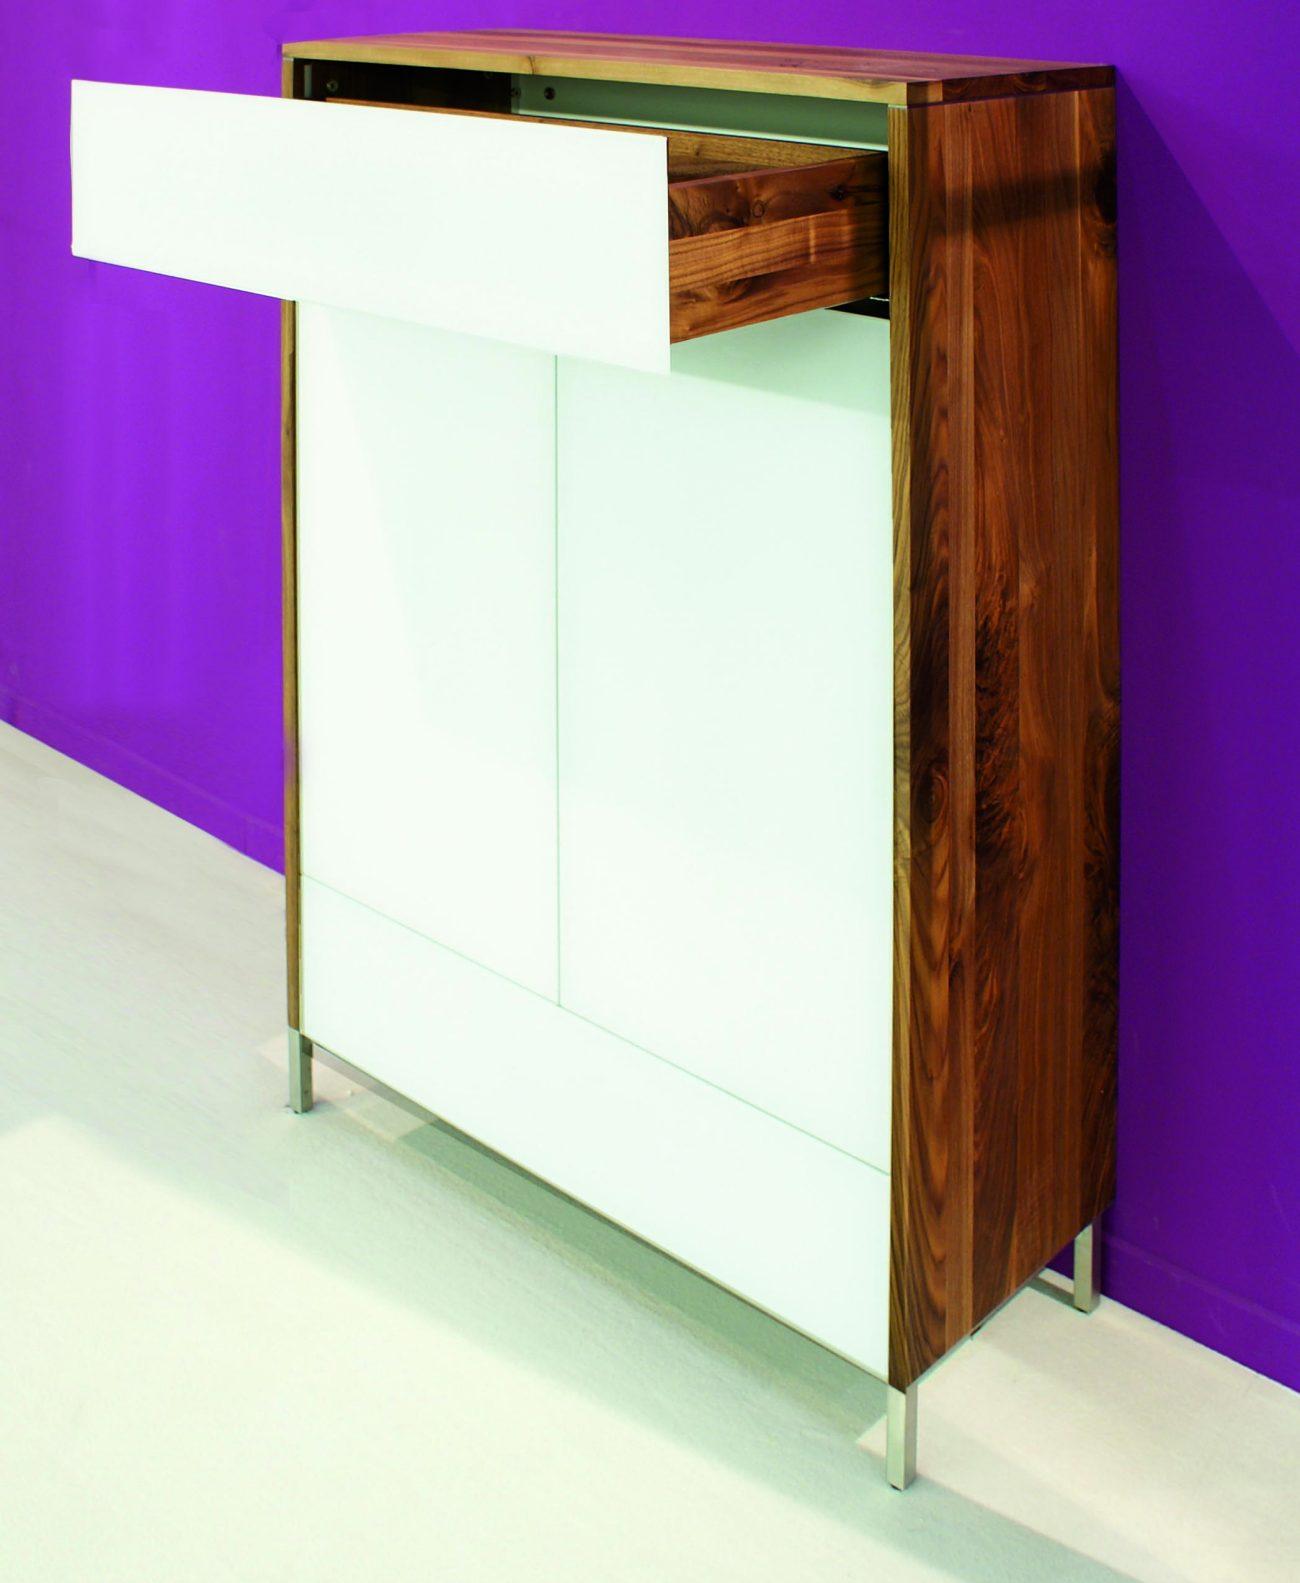 hochwertige und moderne anrichte aus nussbaum massivholz. Black Bedroom Furniture Sets. Home Design Ideas